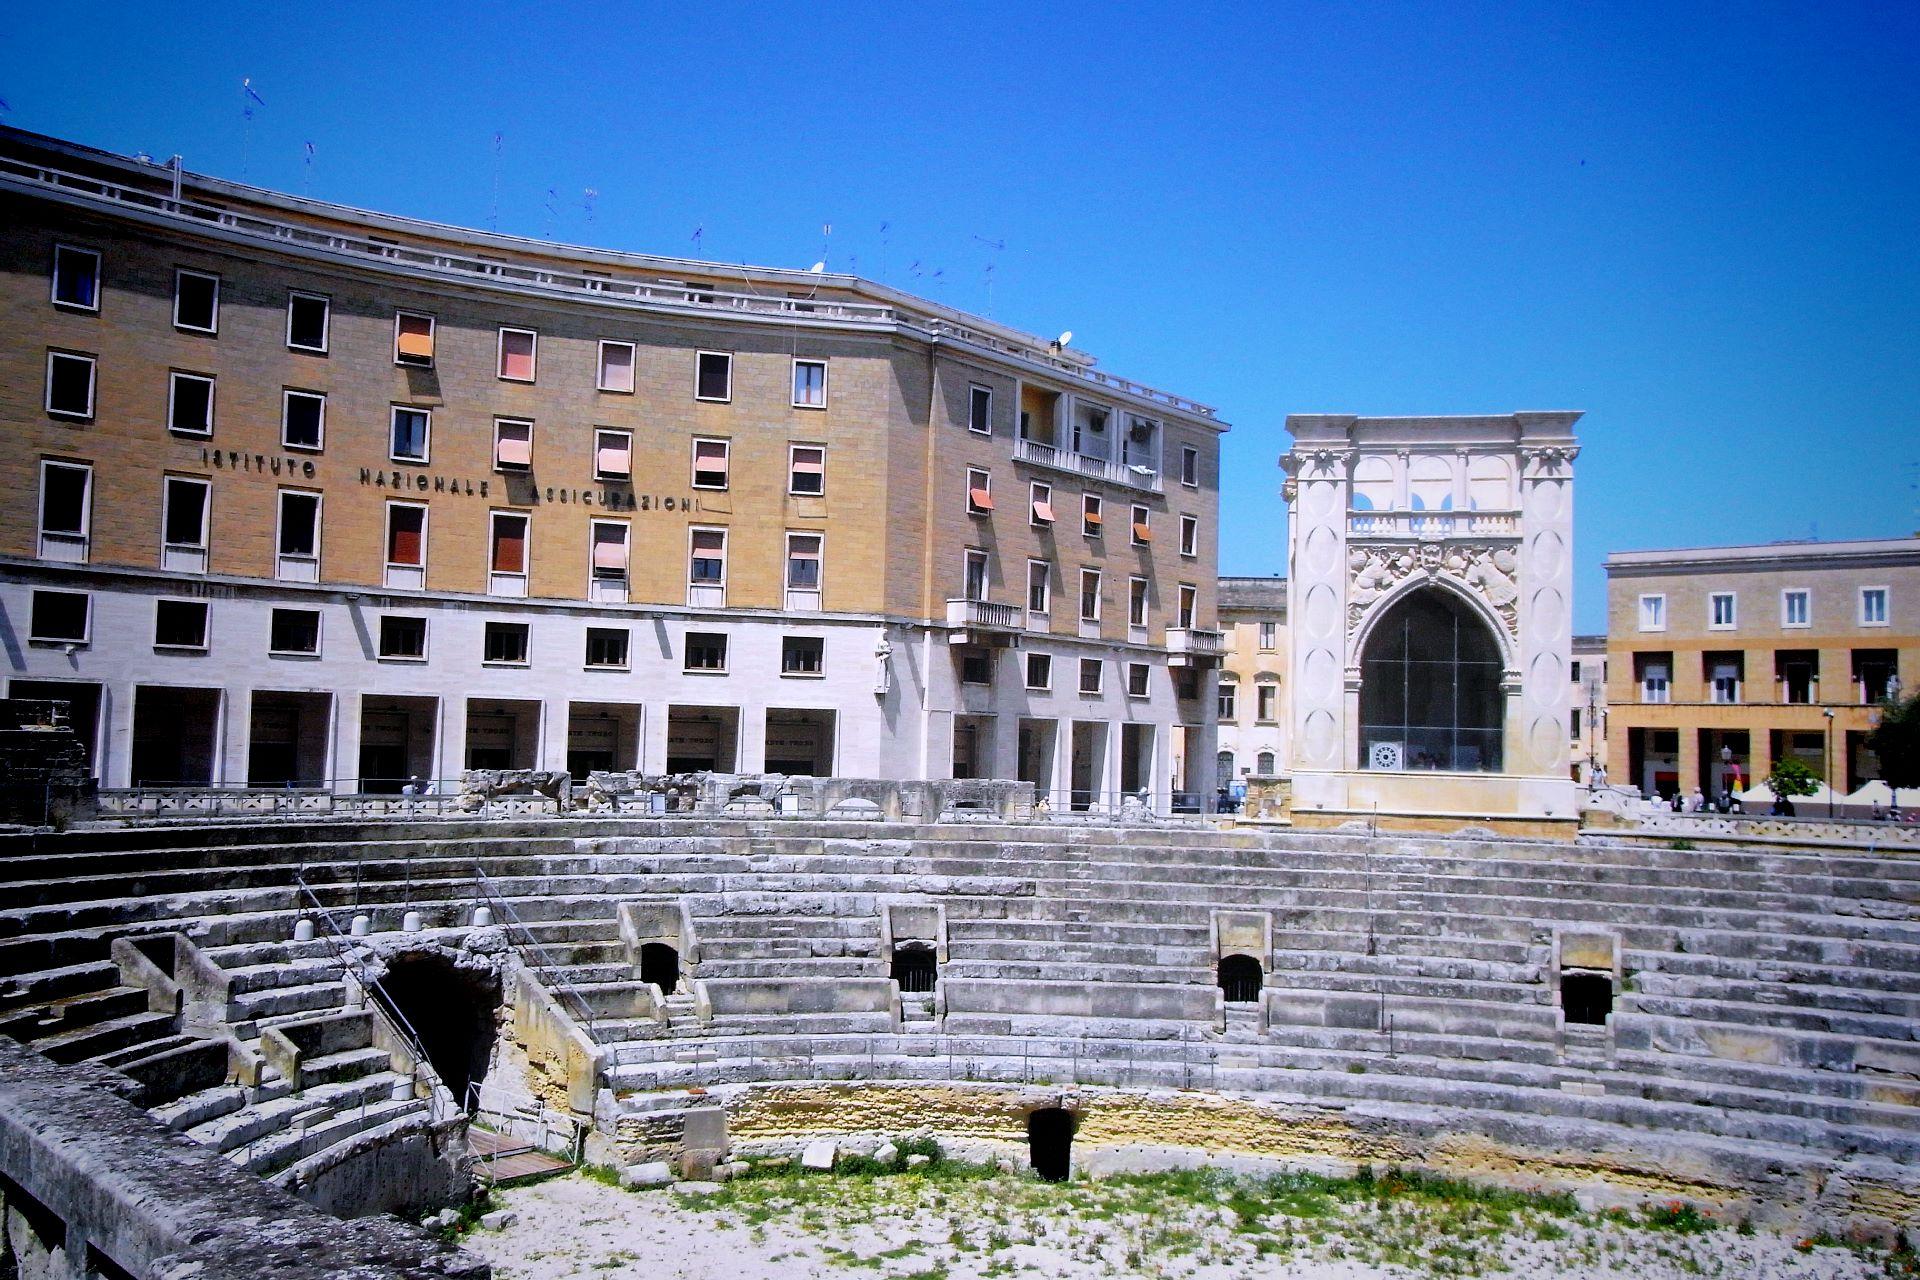 apulia slow travel lecce anfiteatro romano sedile palazzo centro barocco barock baroque salento apulien